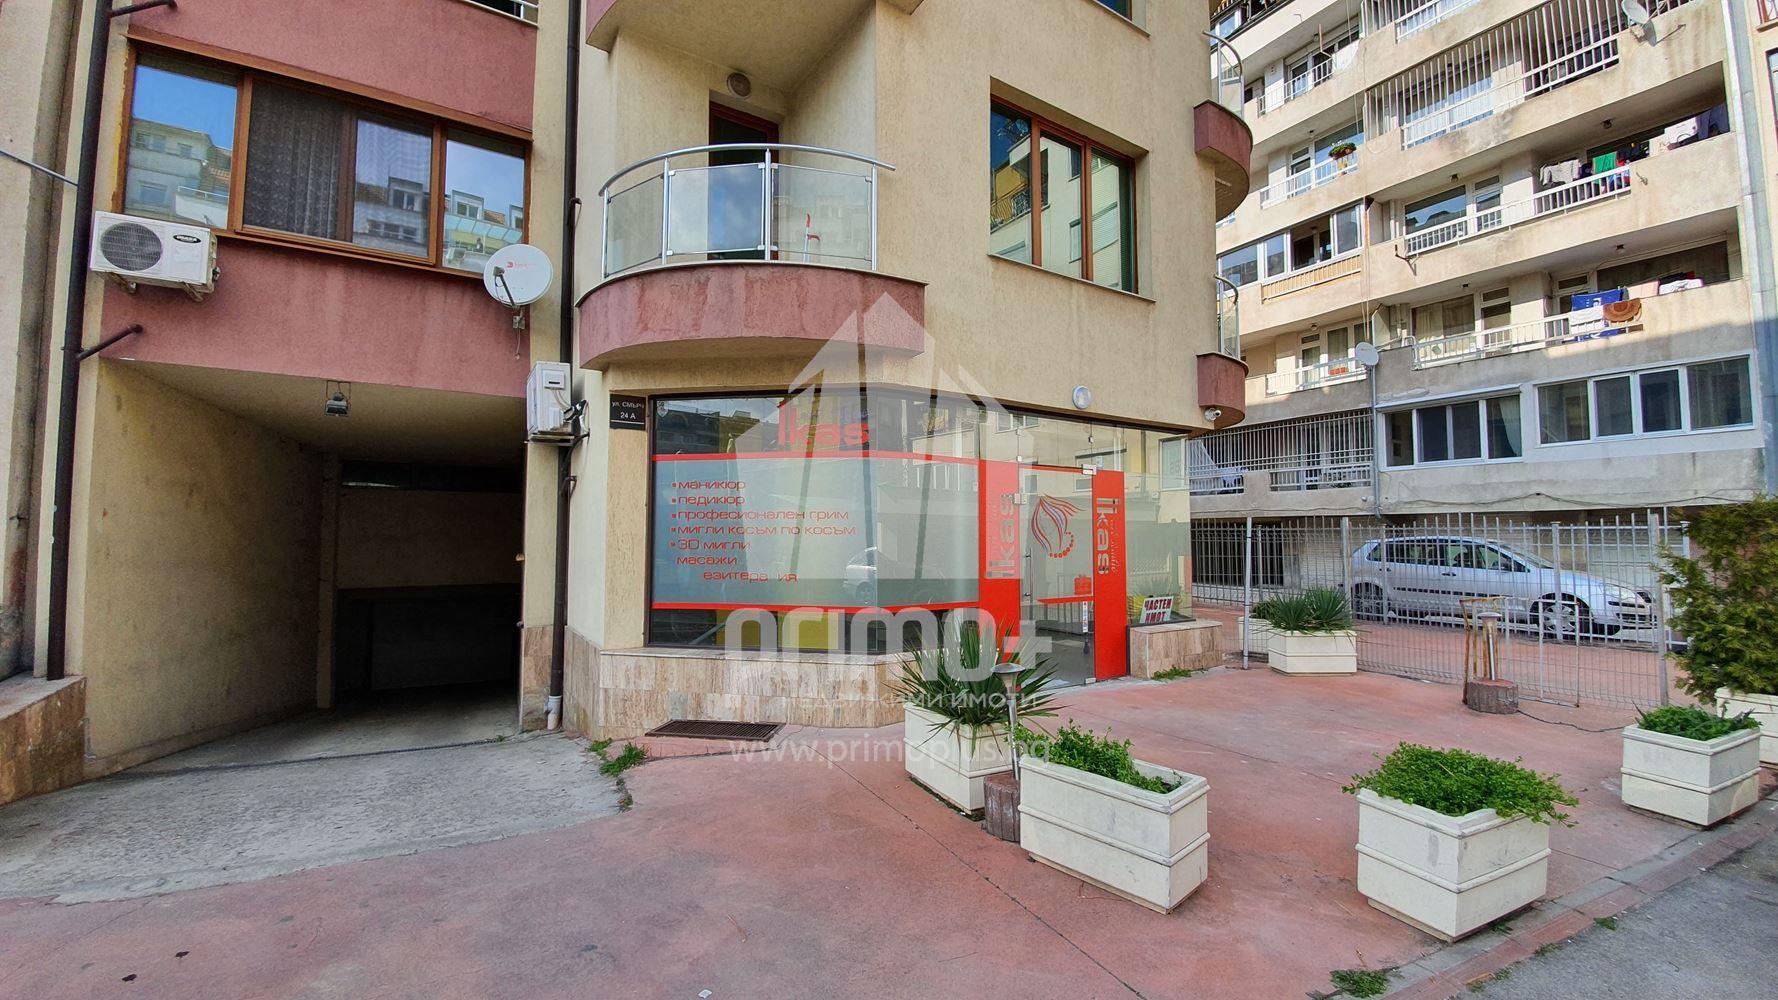 For Rent, Office, Beli Brezi, Sofia, ,For Rent